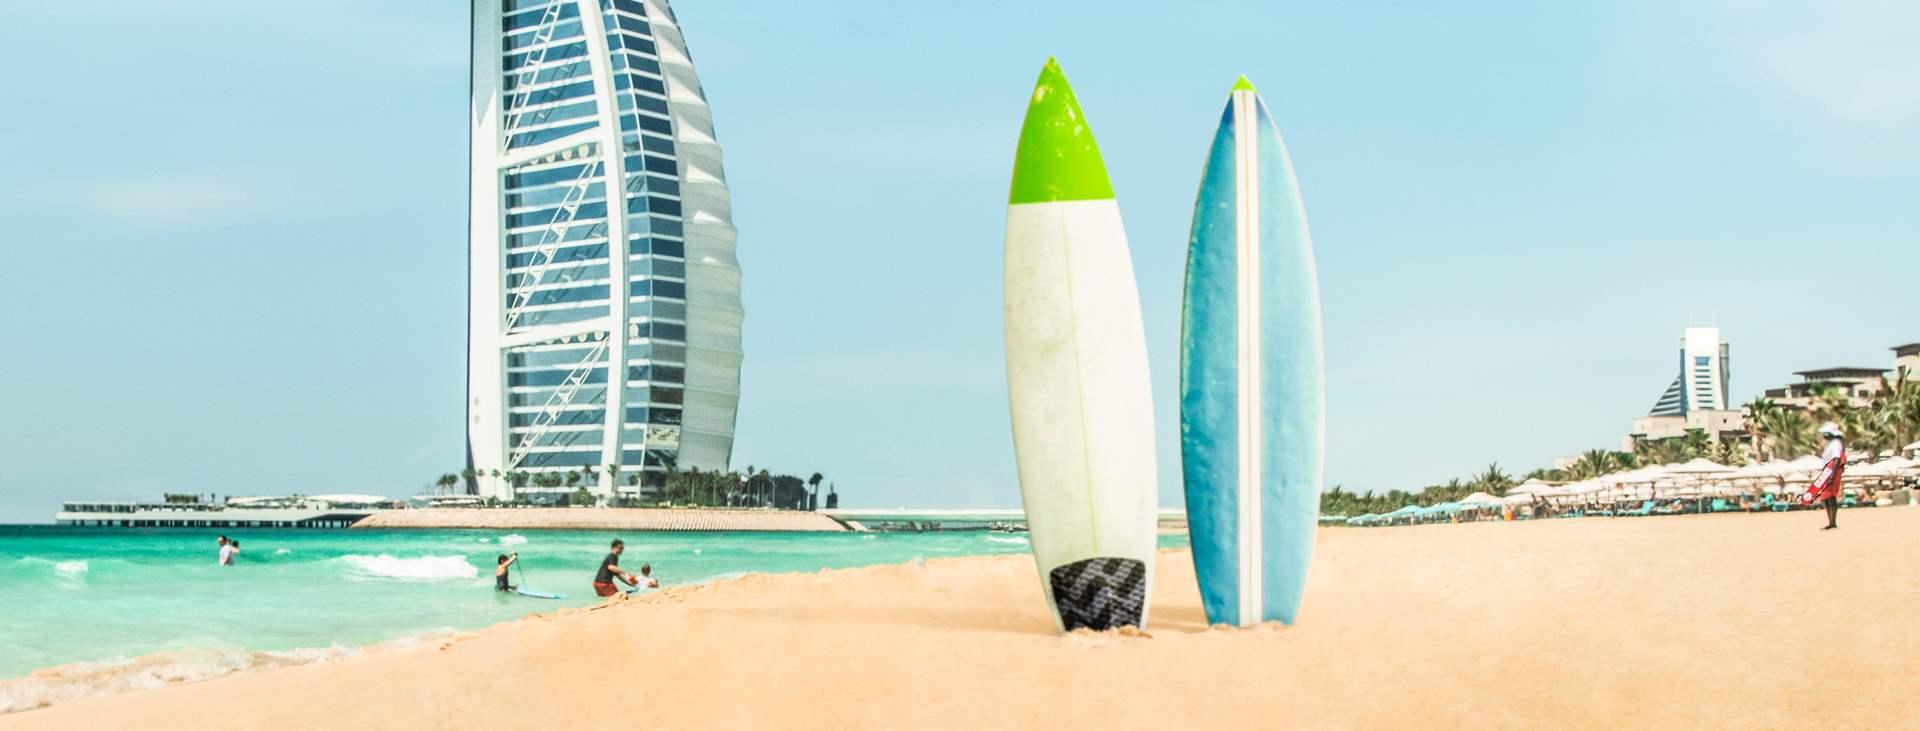 Bestill en reise med Ving til strandparadiset i Dubai – Jumeirah Beach